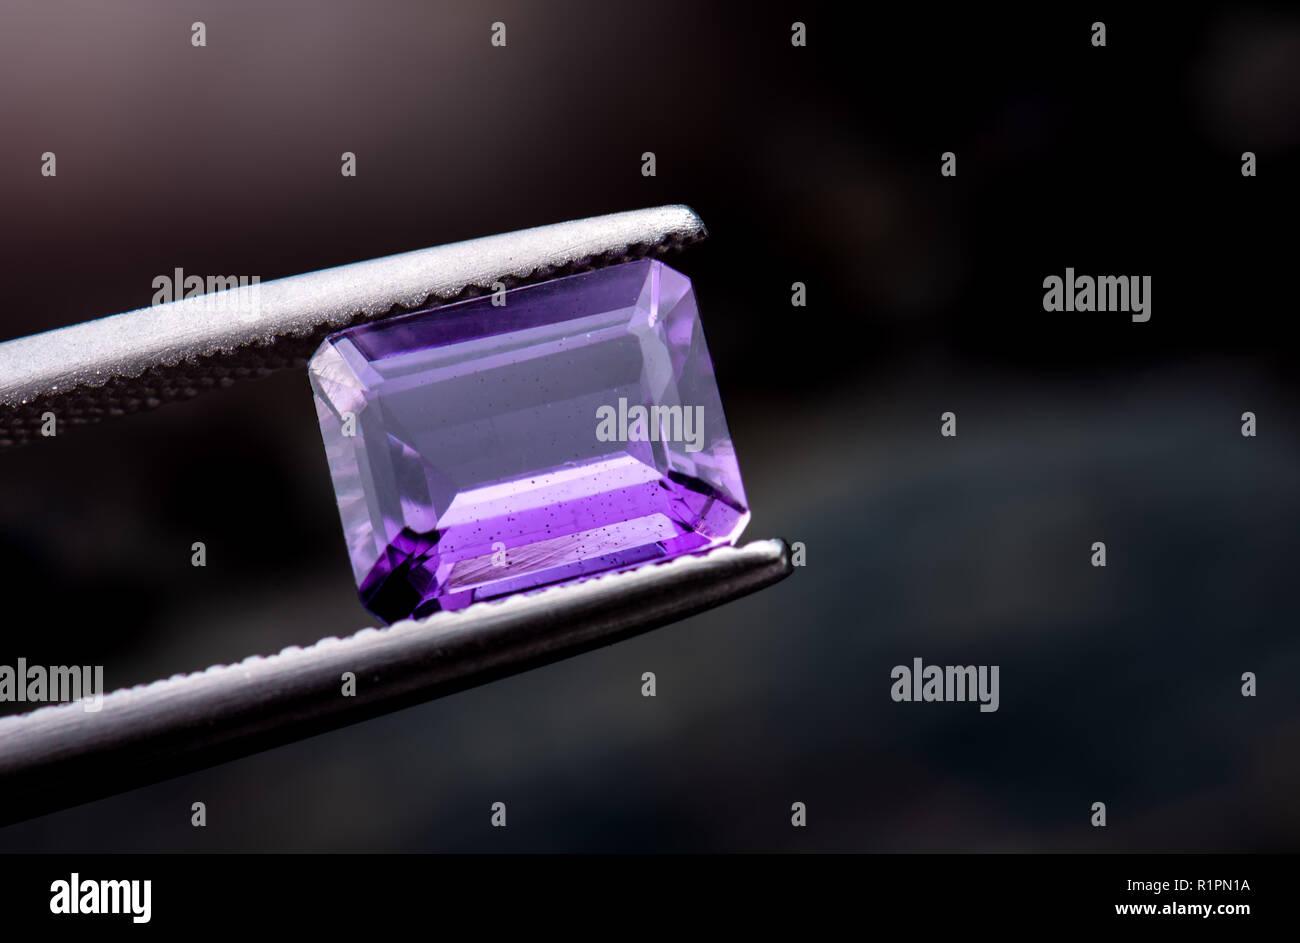 Viola ametista pietre preziose gioielli foto con illuminazione scuro